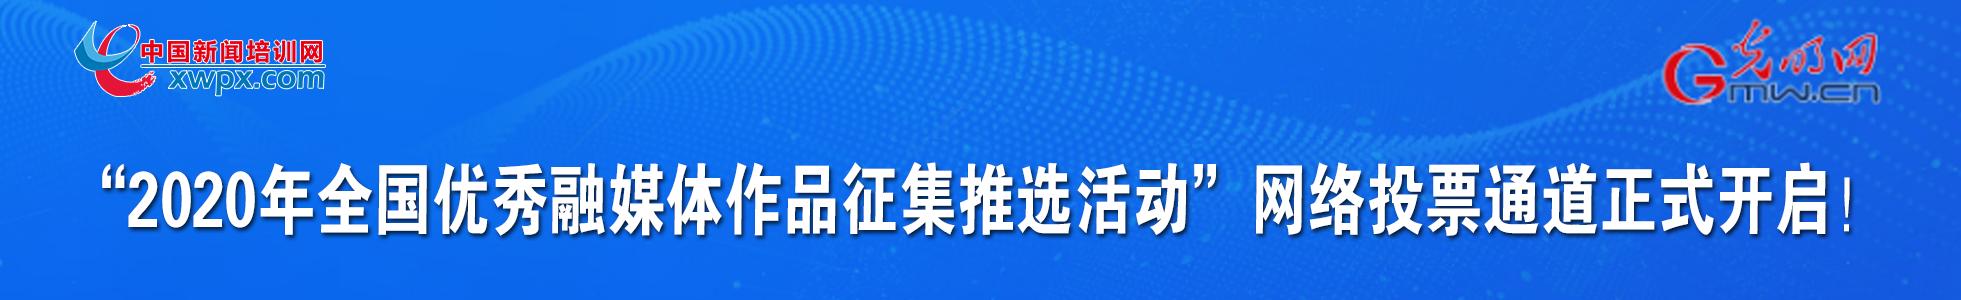 2020年全国优秀融媒体作品推选活动网络投票开启了